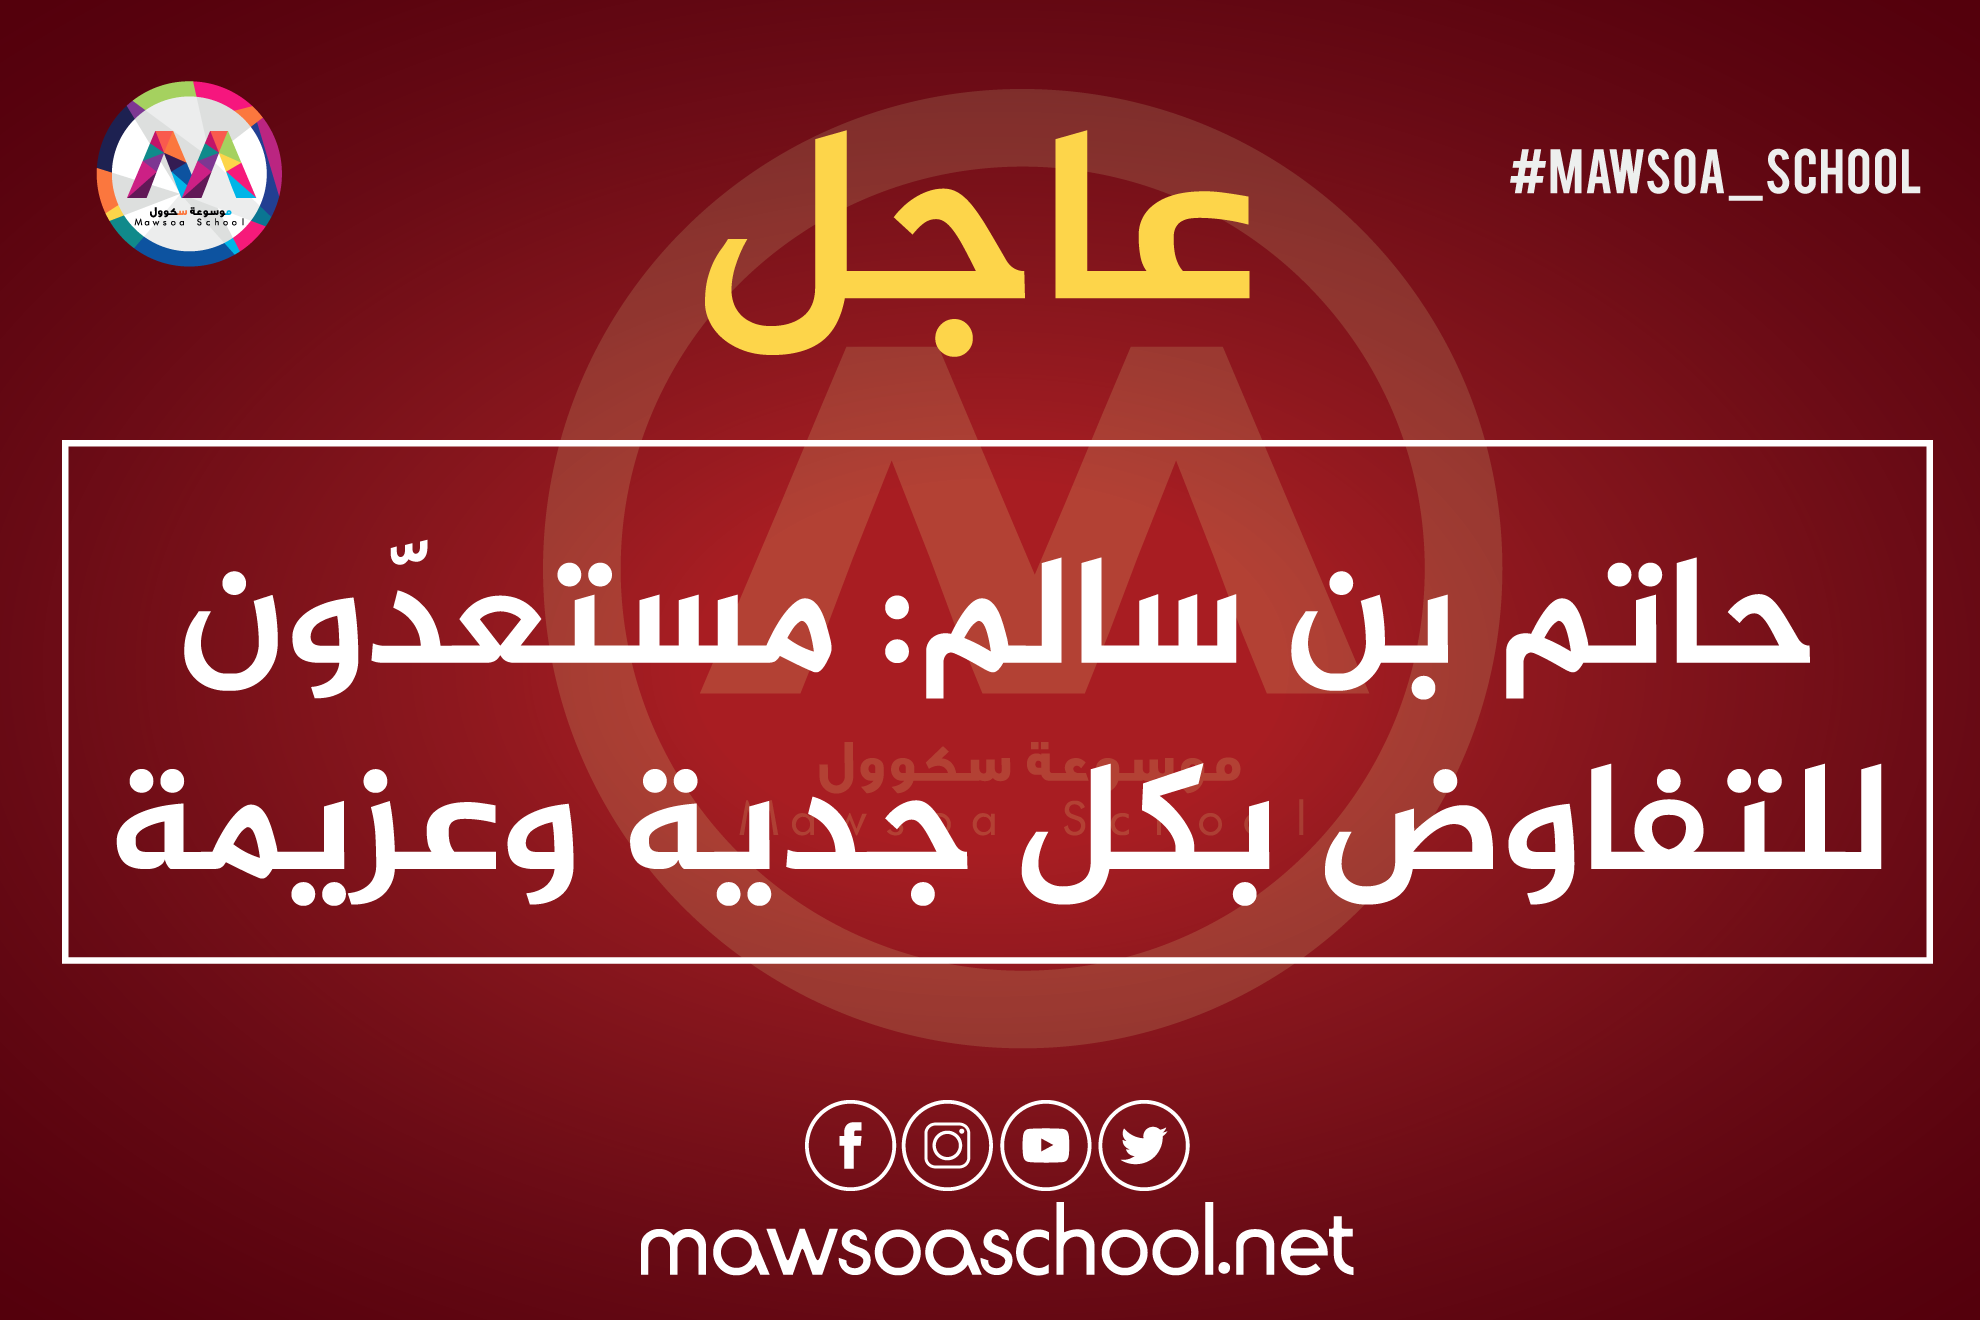 حاتم بن سالم: مستعدّون للتفاوض بكل جدية وعزيمة